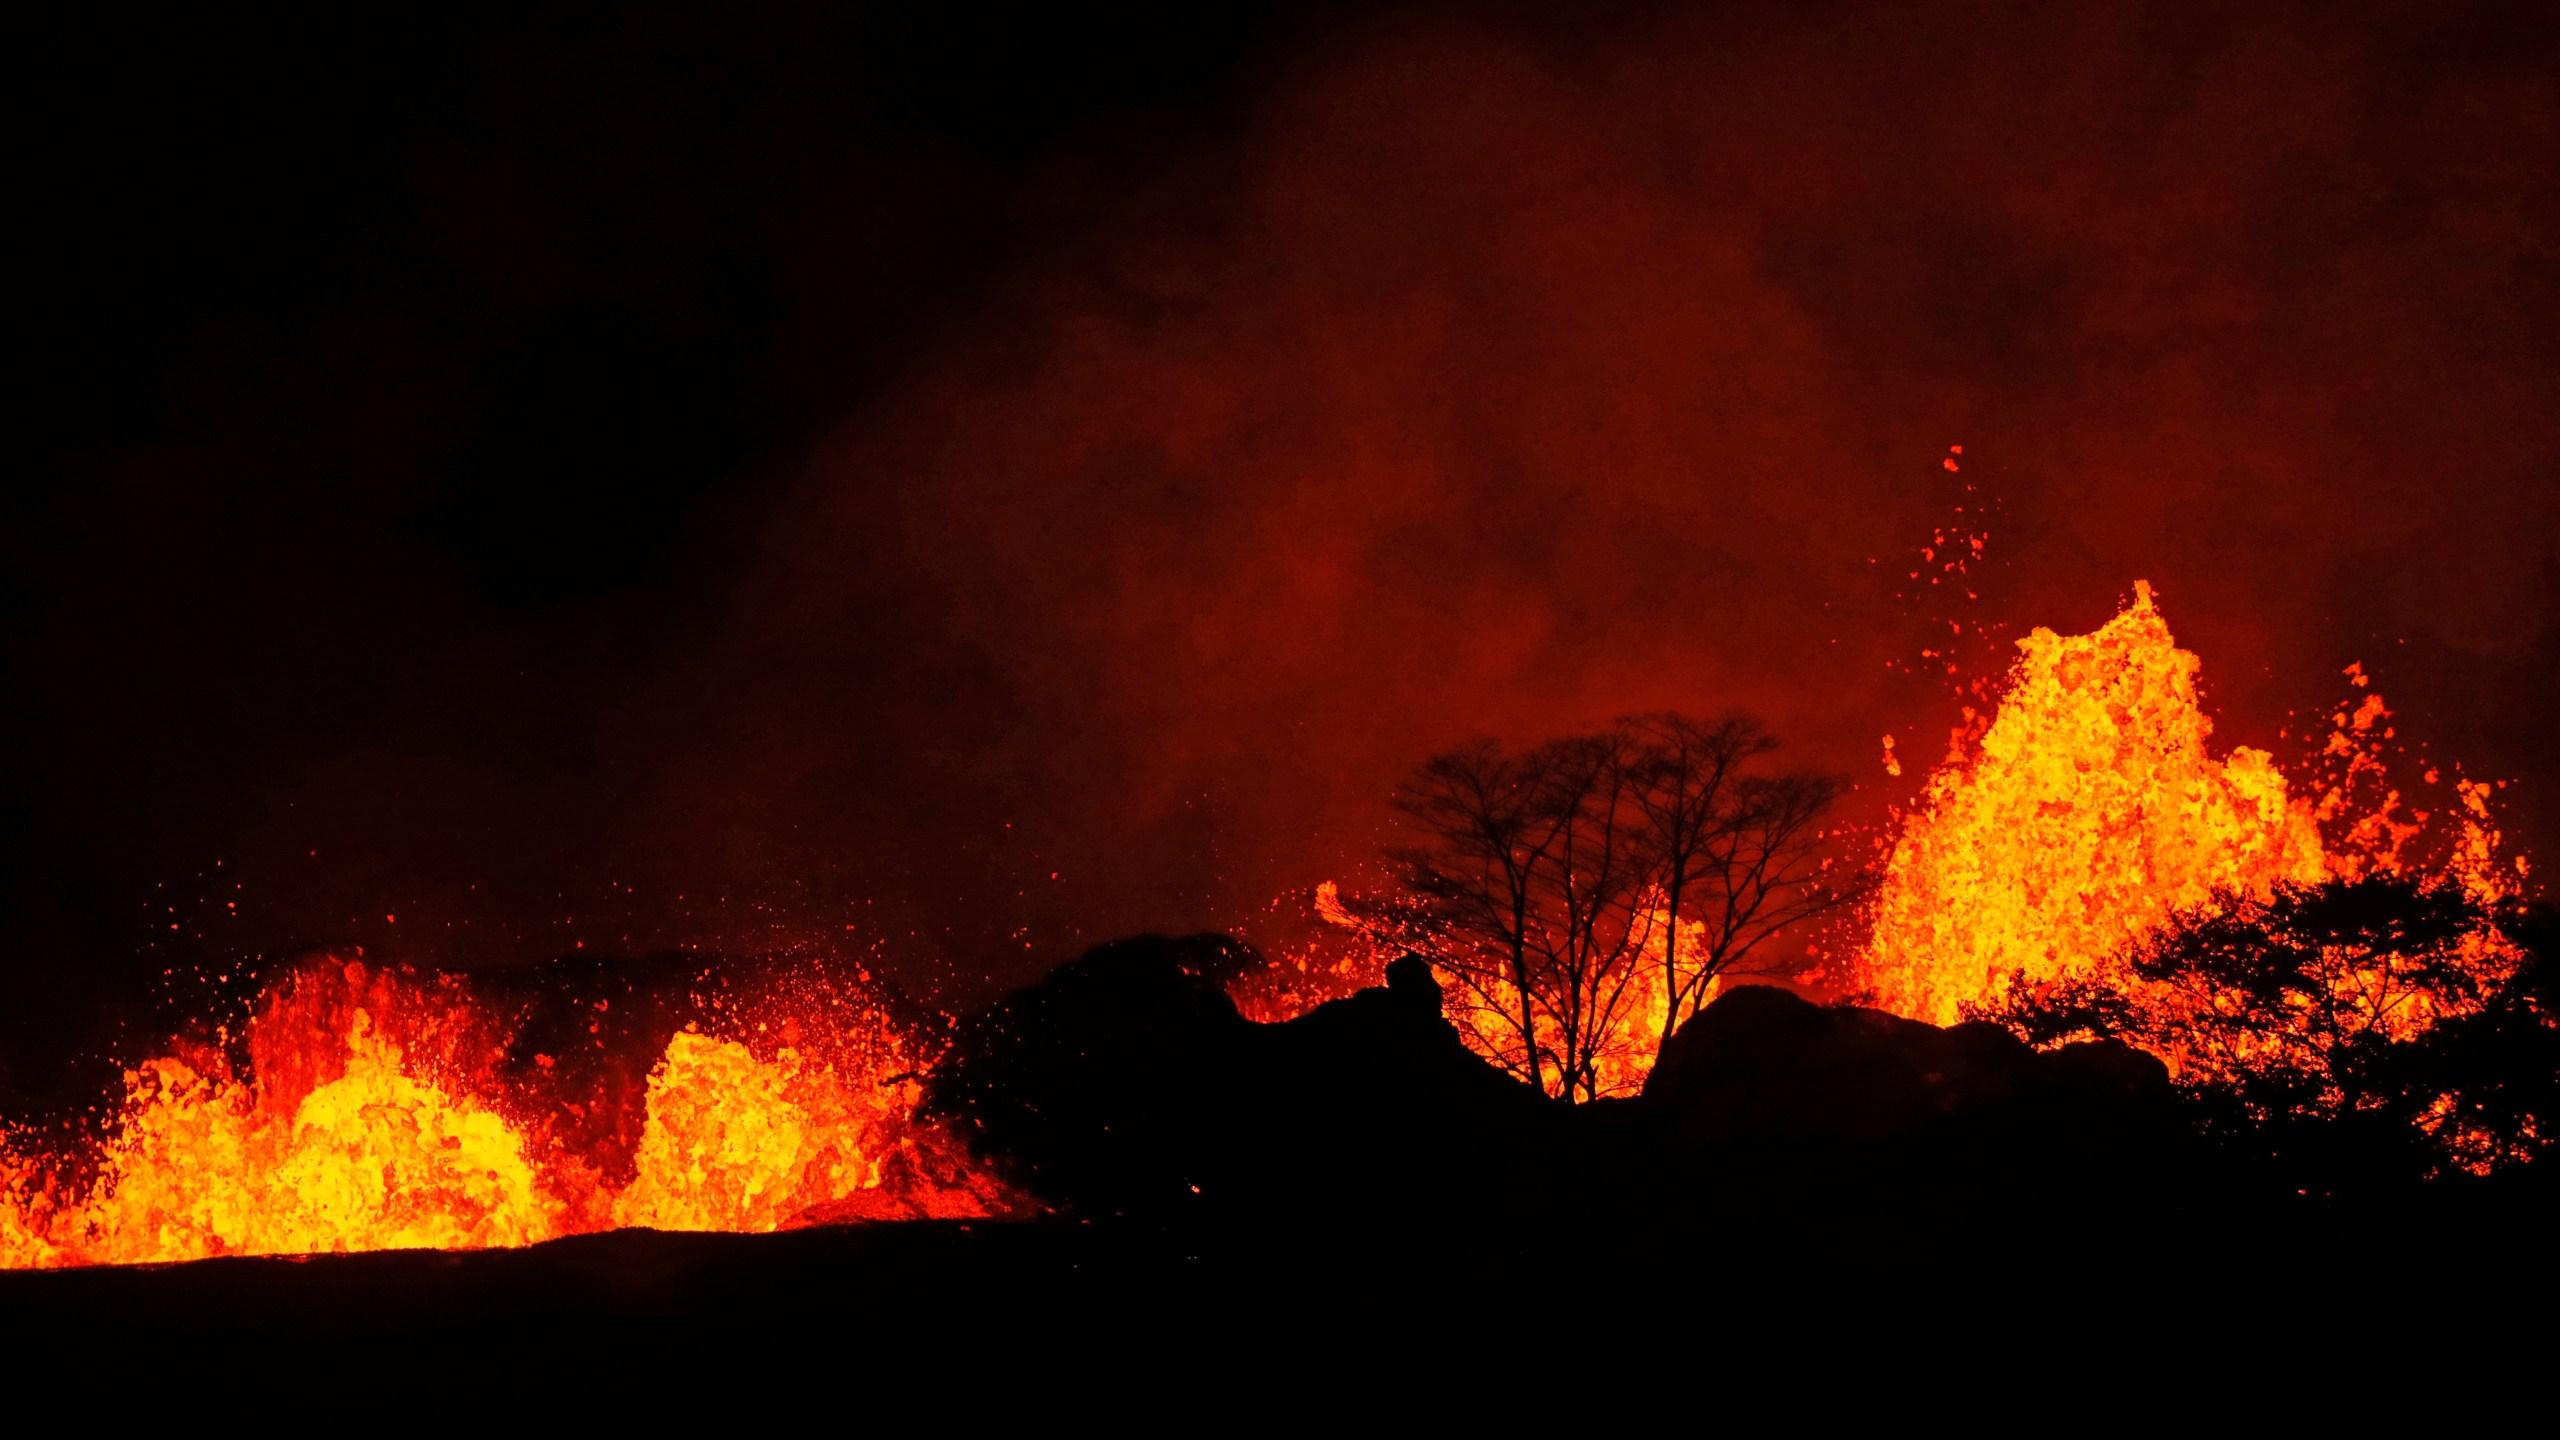 Hawaii_Volcano_76302-159532.jpg61501754